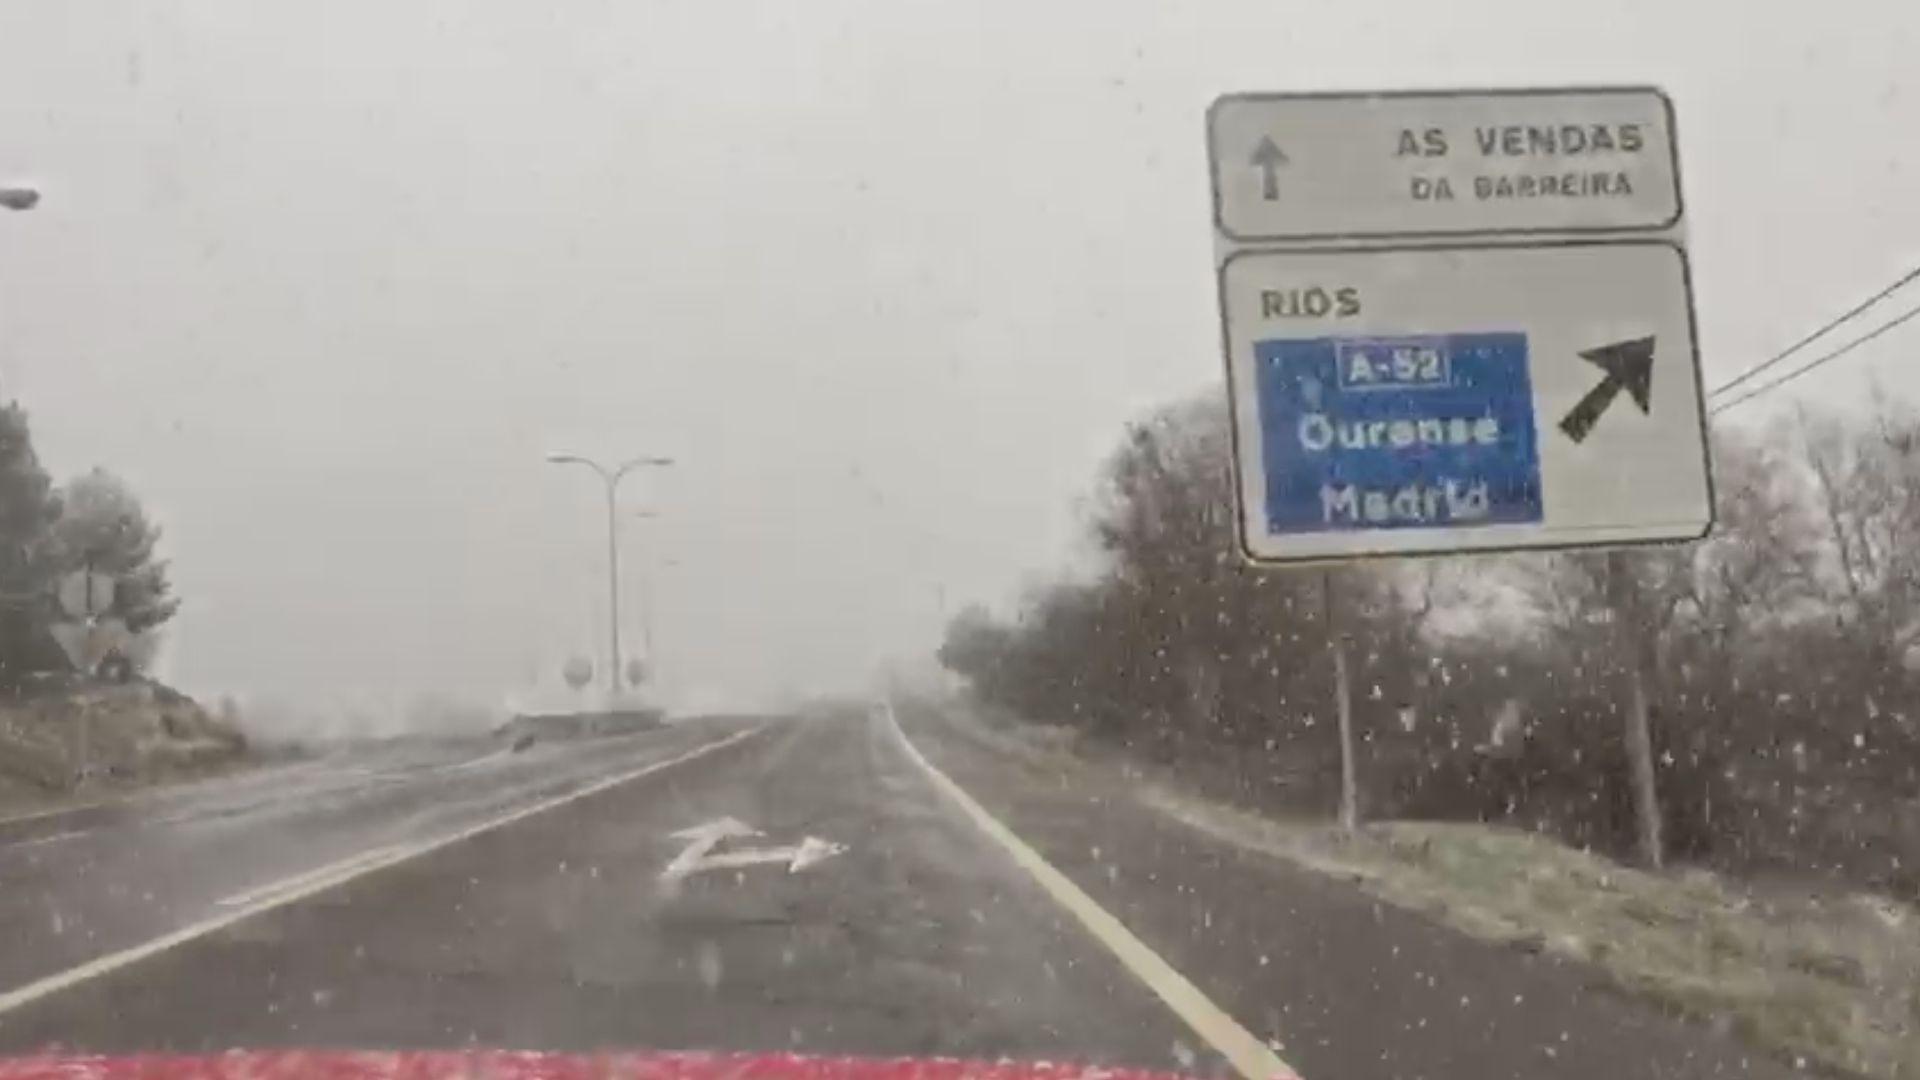 La nieve acompaña a los conductores en muchos puntos de la provincia de Ourense.O Cebreiro es actualmente el lugar que más visitantes recibe atraídos por la nieve